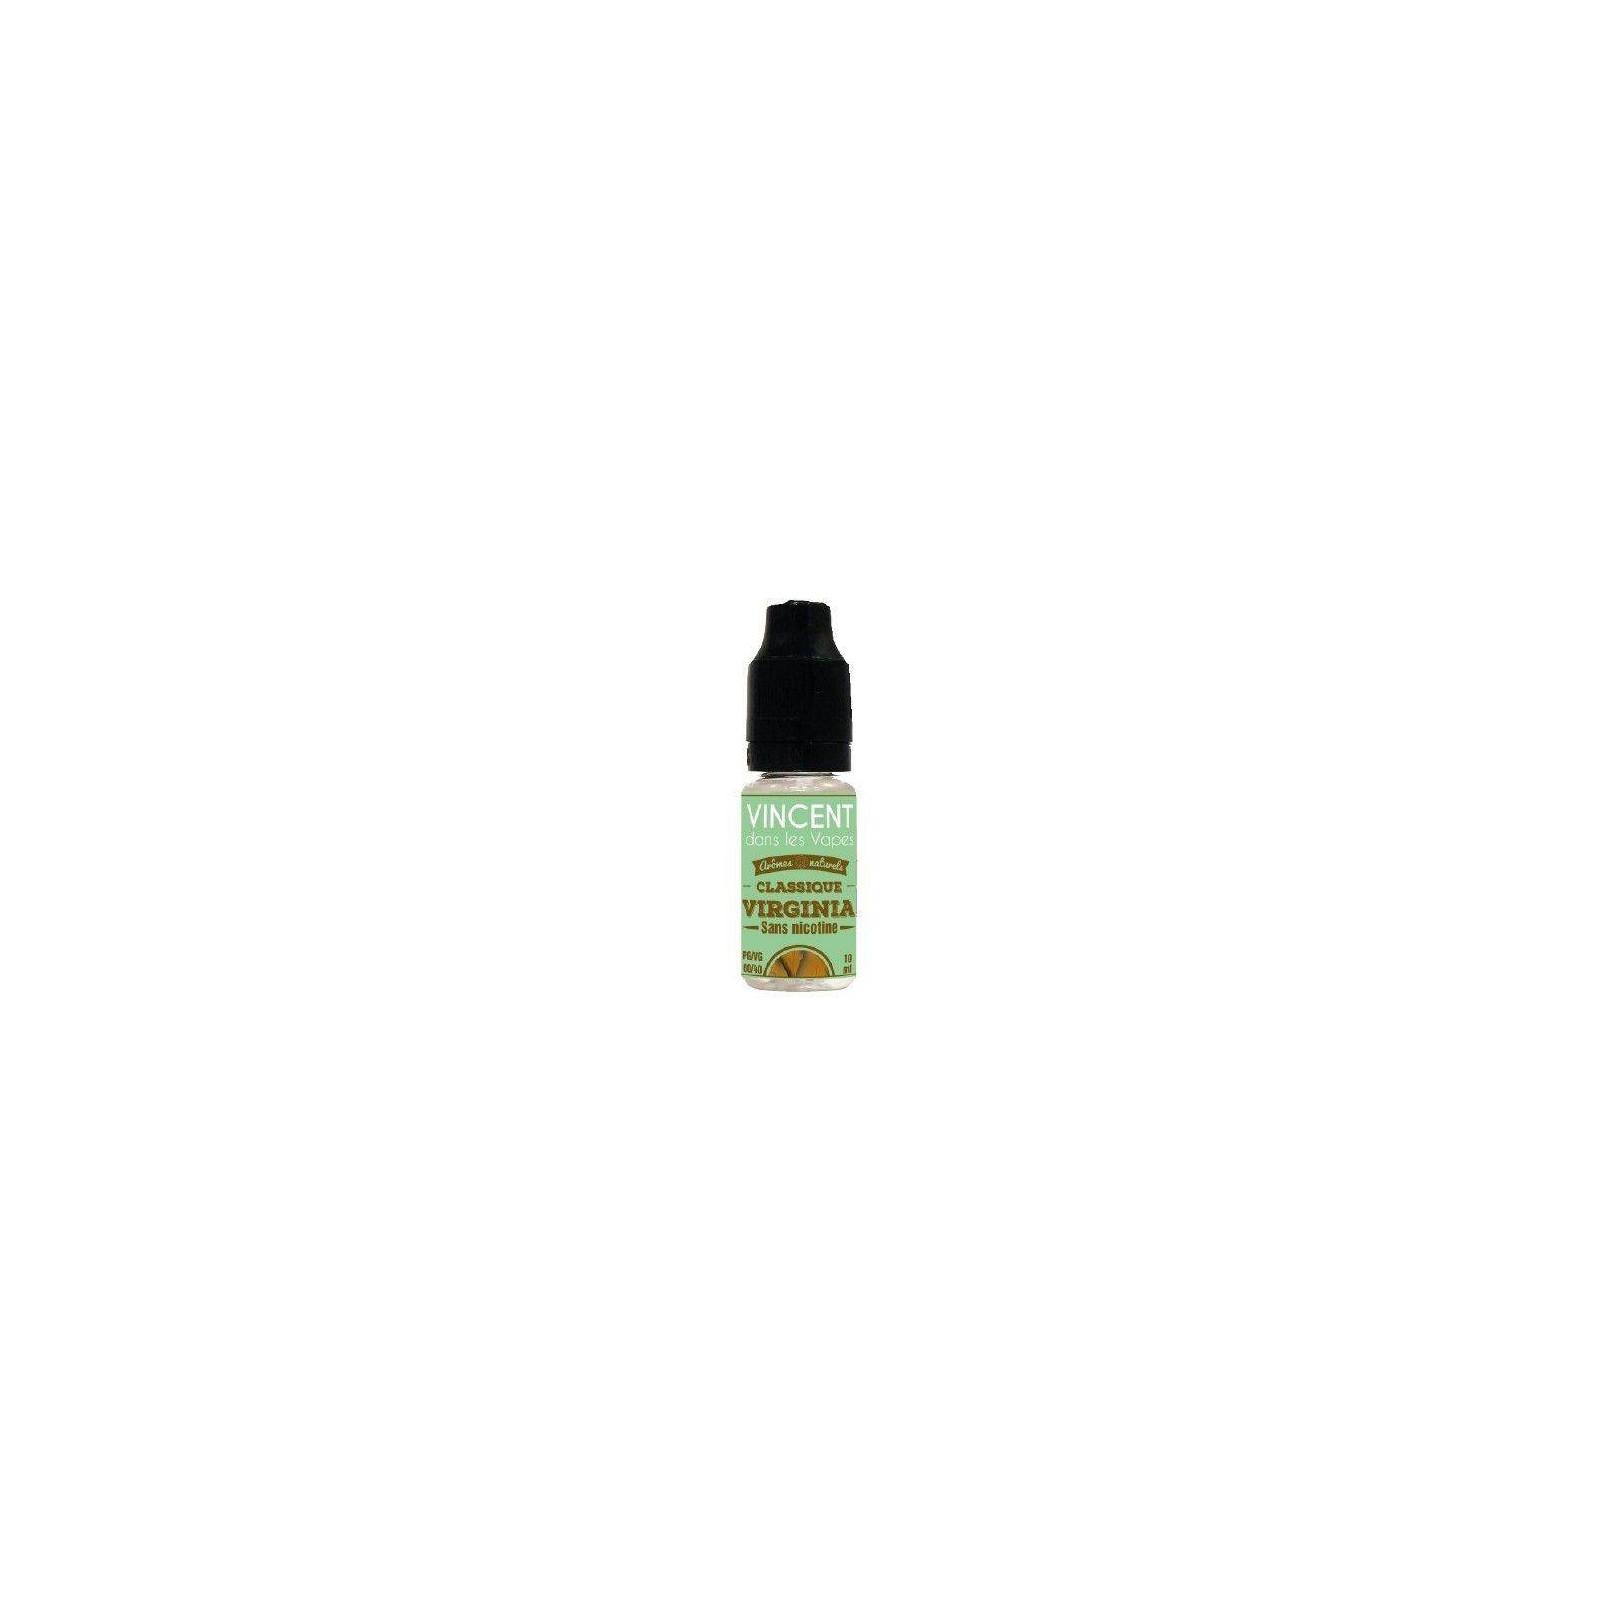 Classique Virginia - Vincent dans les Vapes